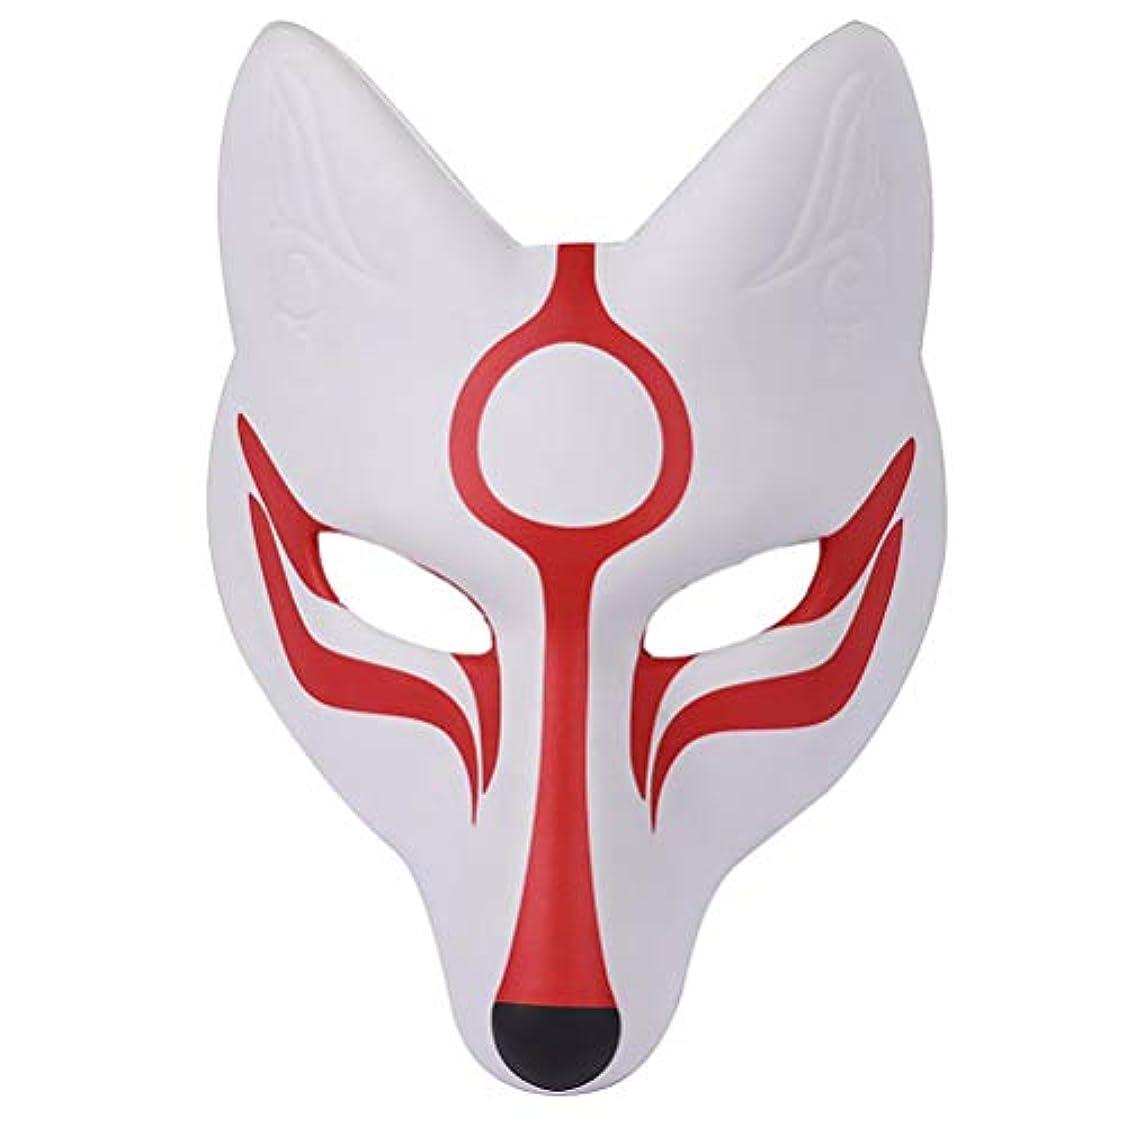 免除するカジュアル瞳AMOSFUN フォックスマスク日本歌舞伎きつねマスク用男性女性子供ハロウィーン仮装衣装プロップ